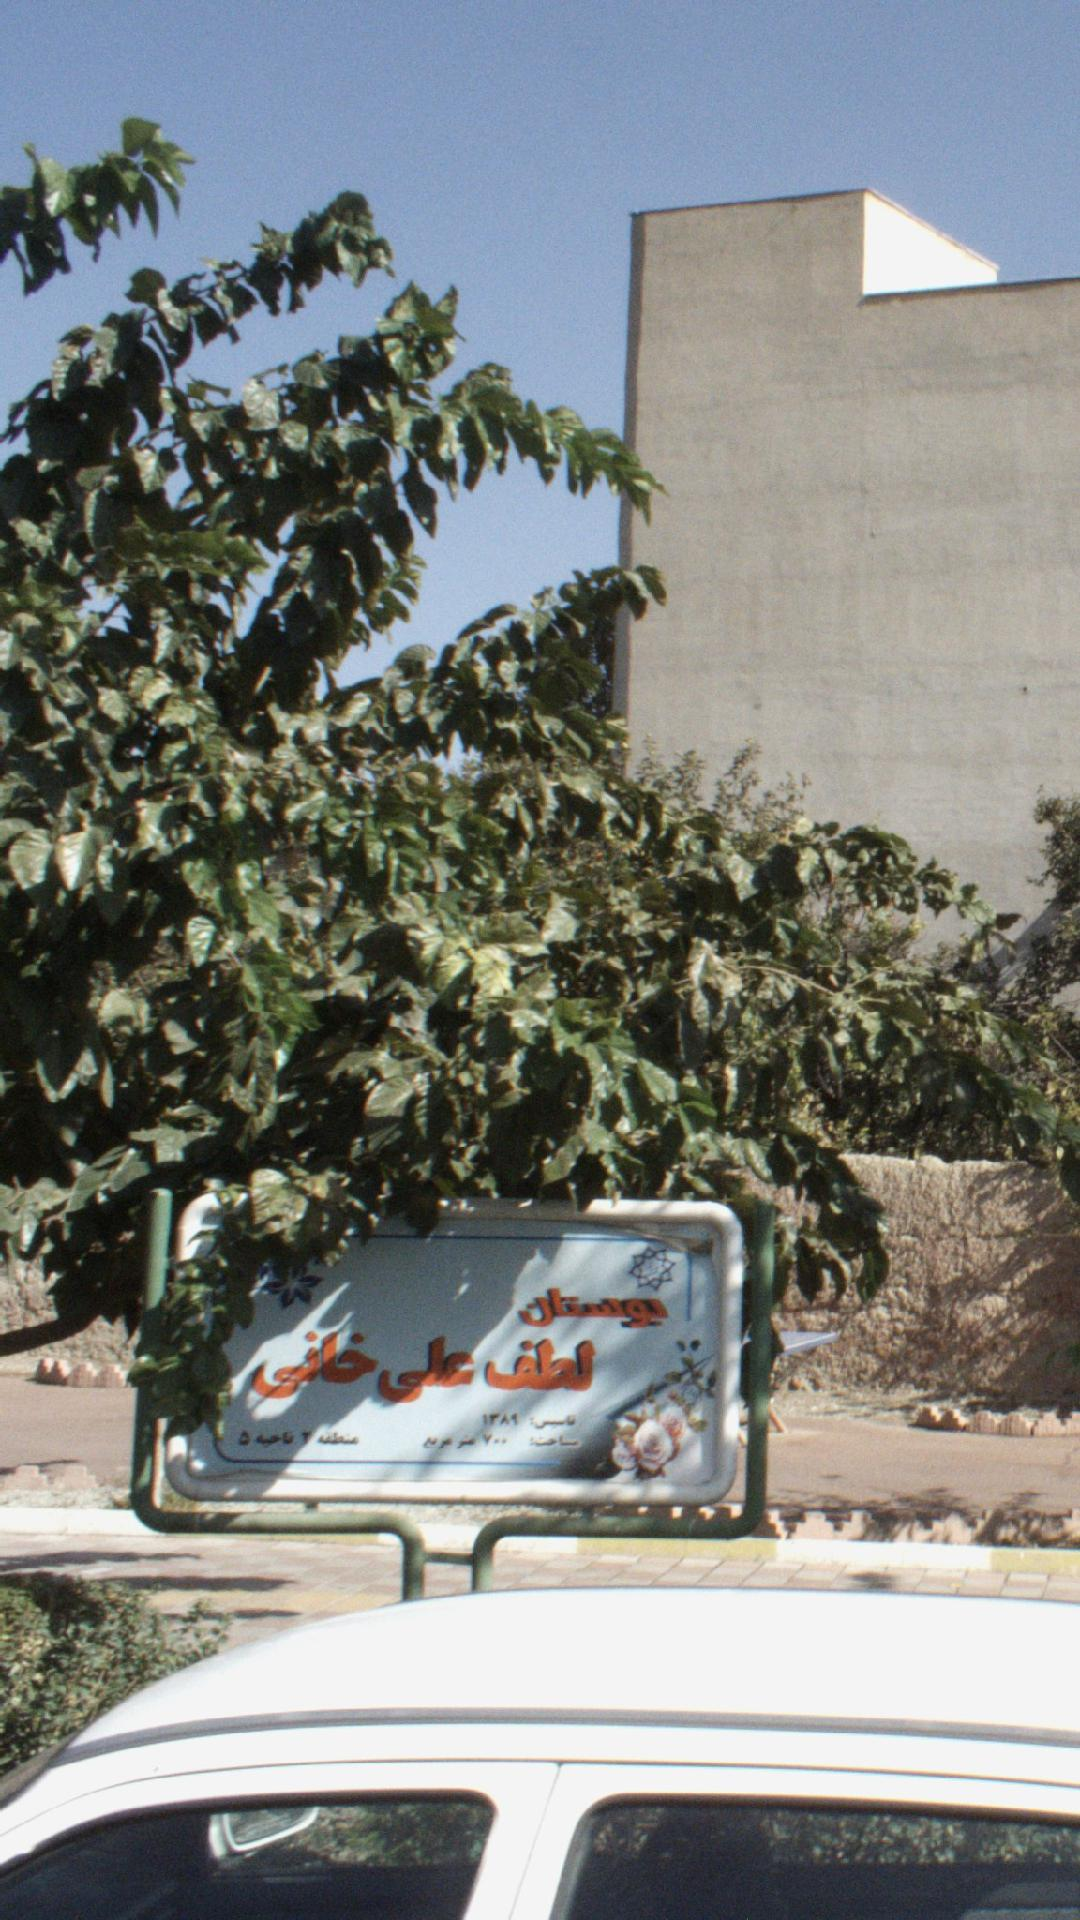 بوستان لطف علی خانی